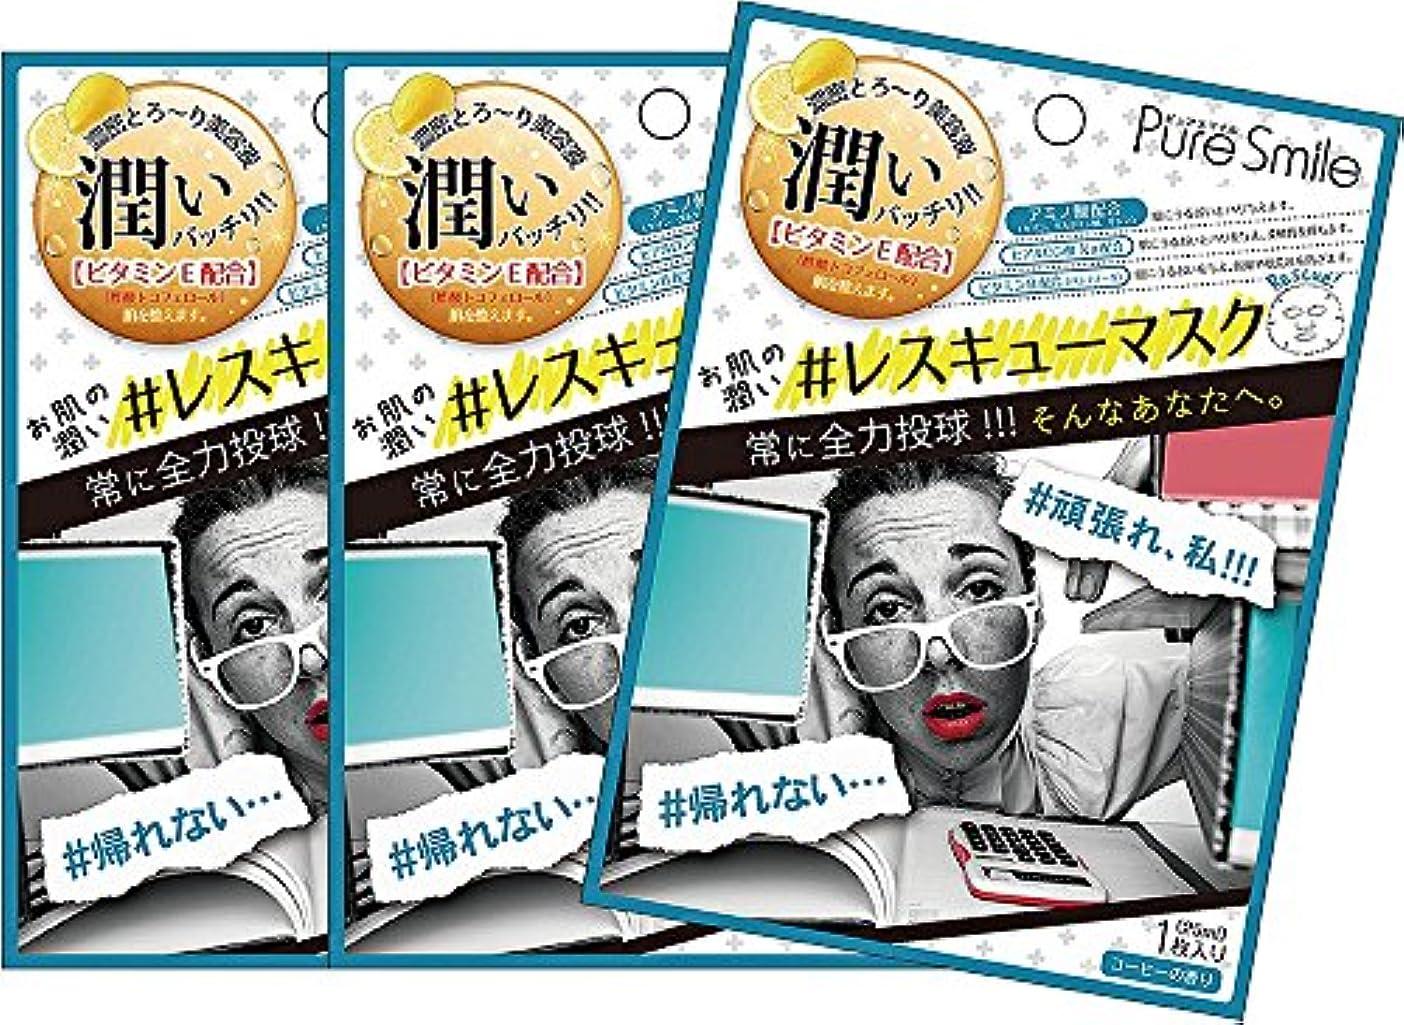 多様なミュウミュウスキャンピュアスマイル 『レスキューマスク』【残業疲れ/アミノ酸でレスキュー(コーヒーの香り)ビタミンE配合】3枚セット